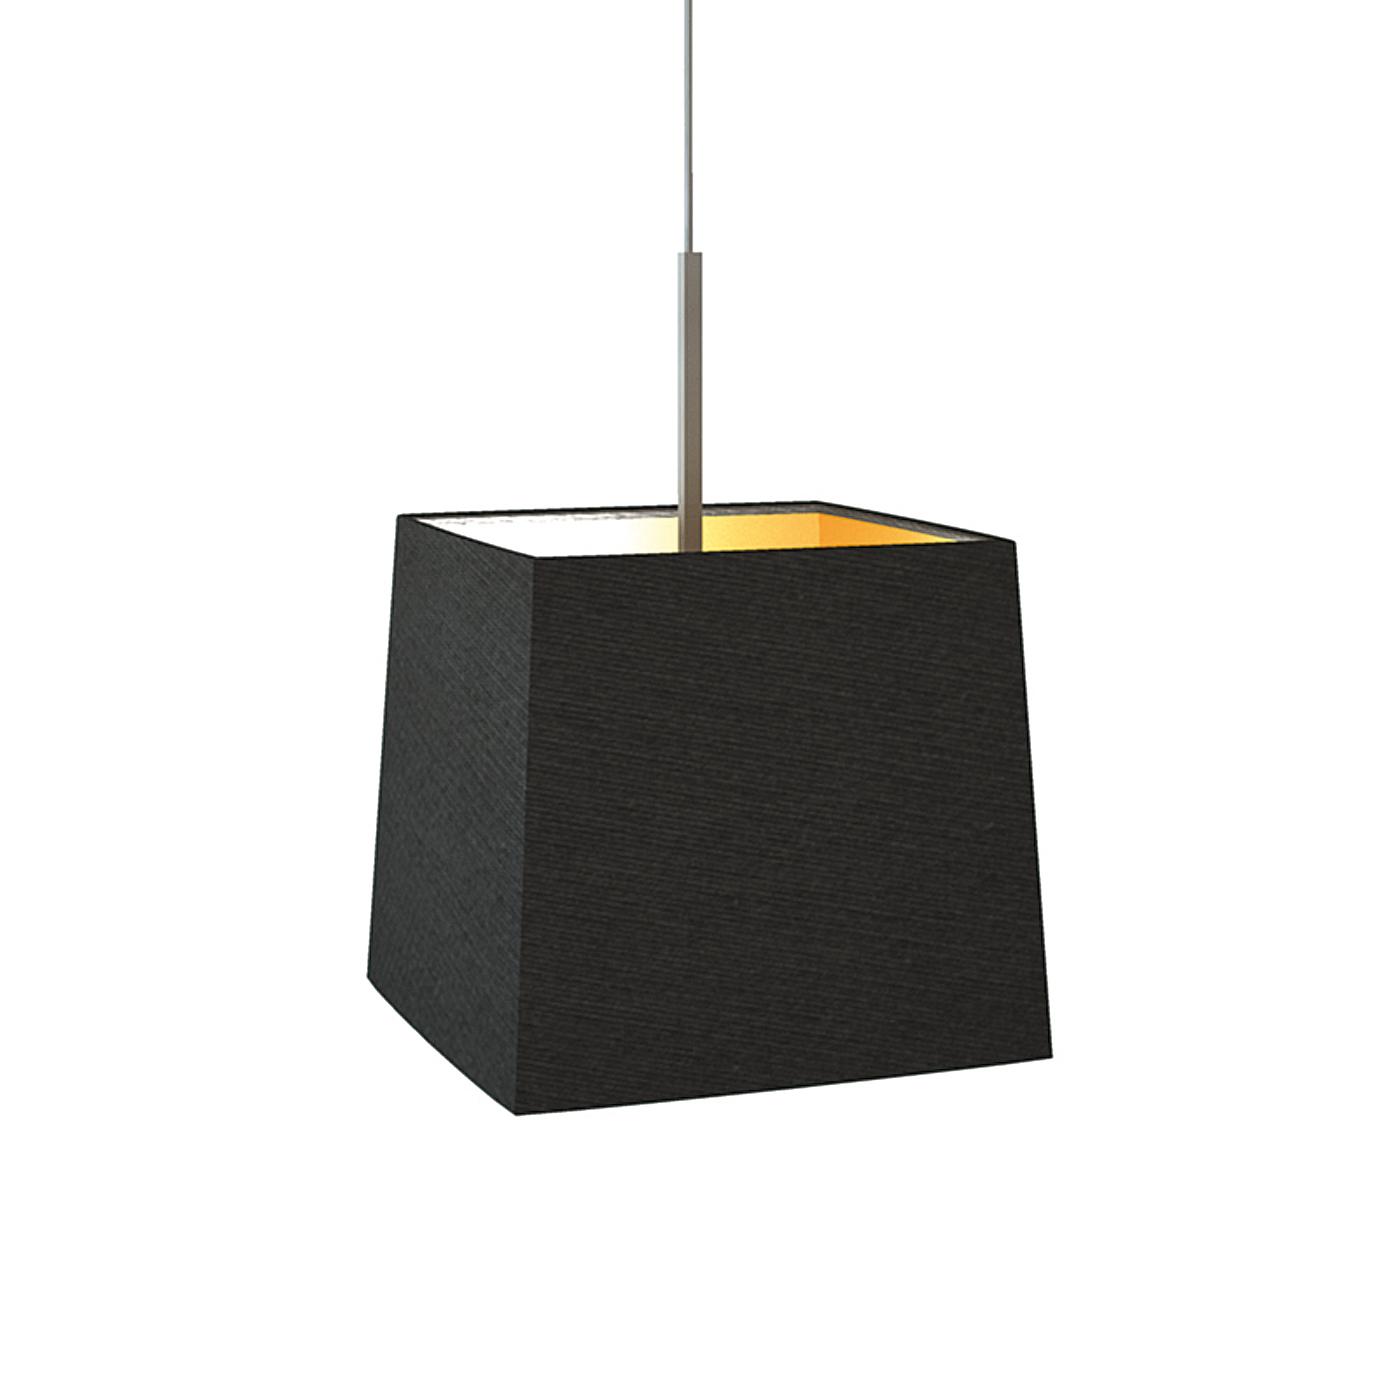 goldfarben mehr als 5000 angebote fotos preise. Black Bedroom Furniture Sets. Home Design Ideas